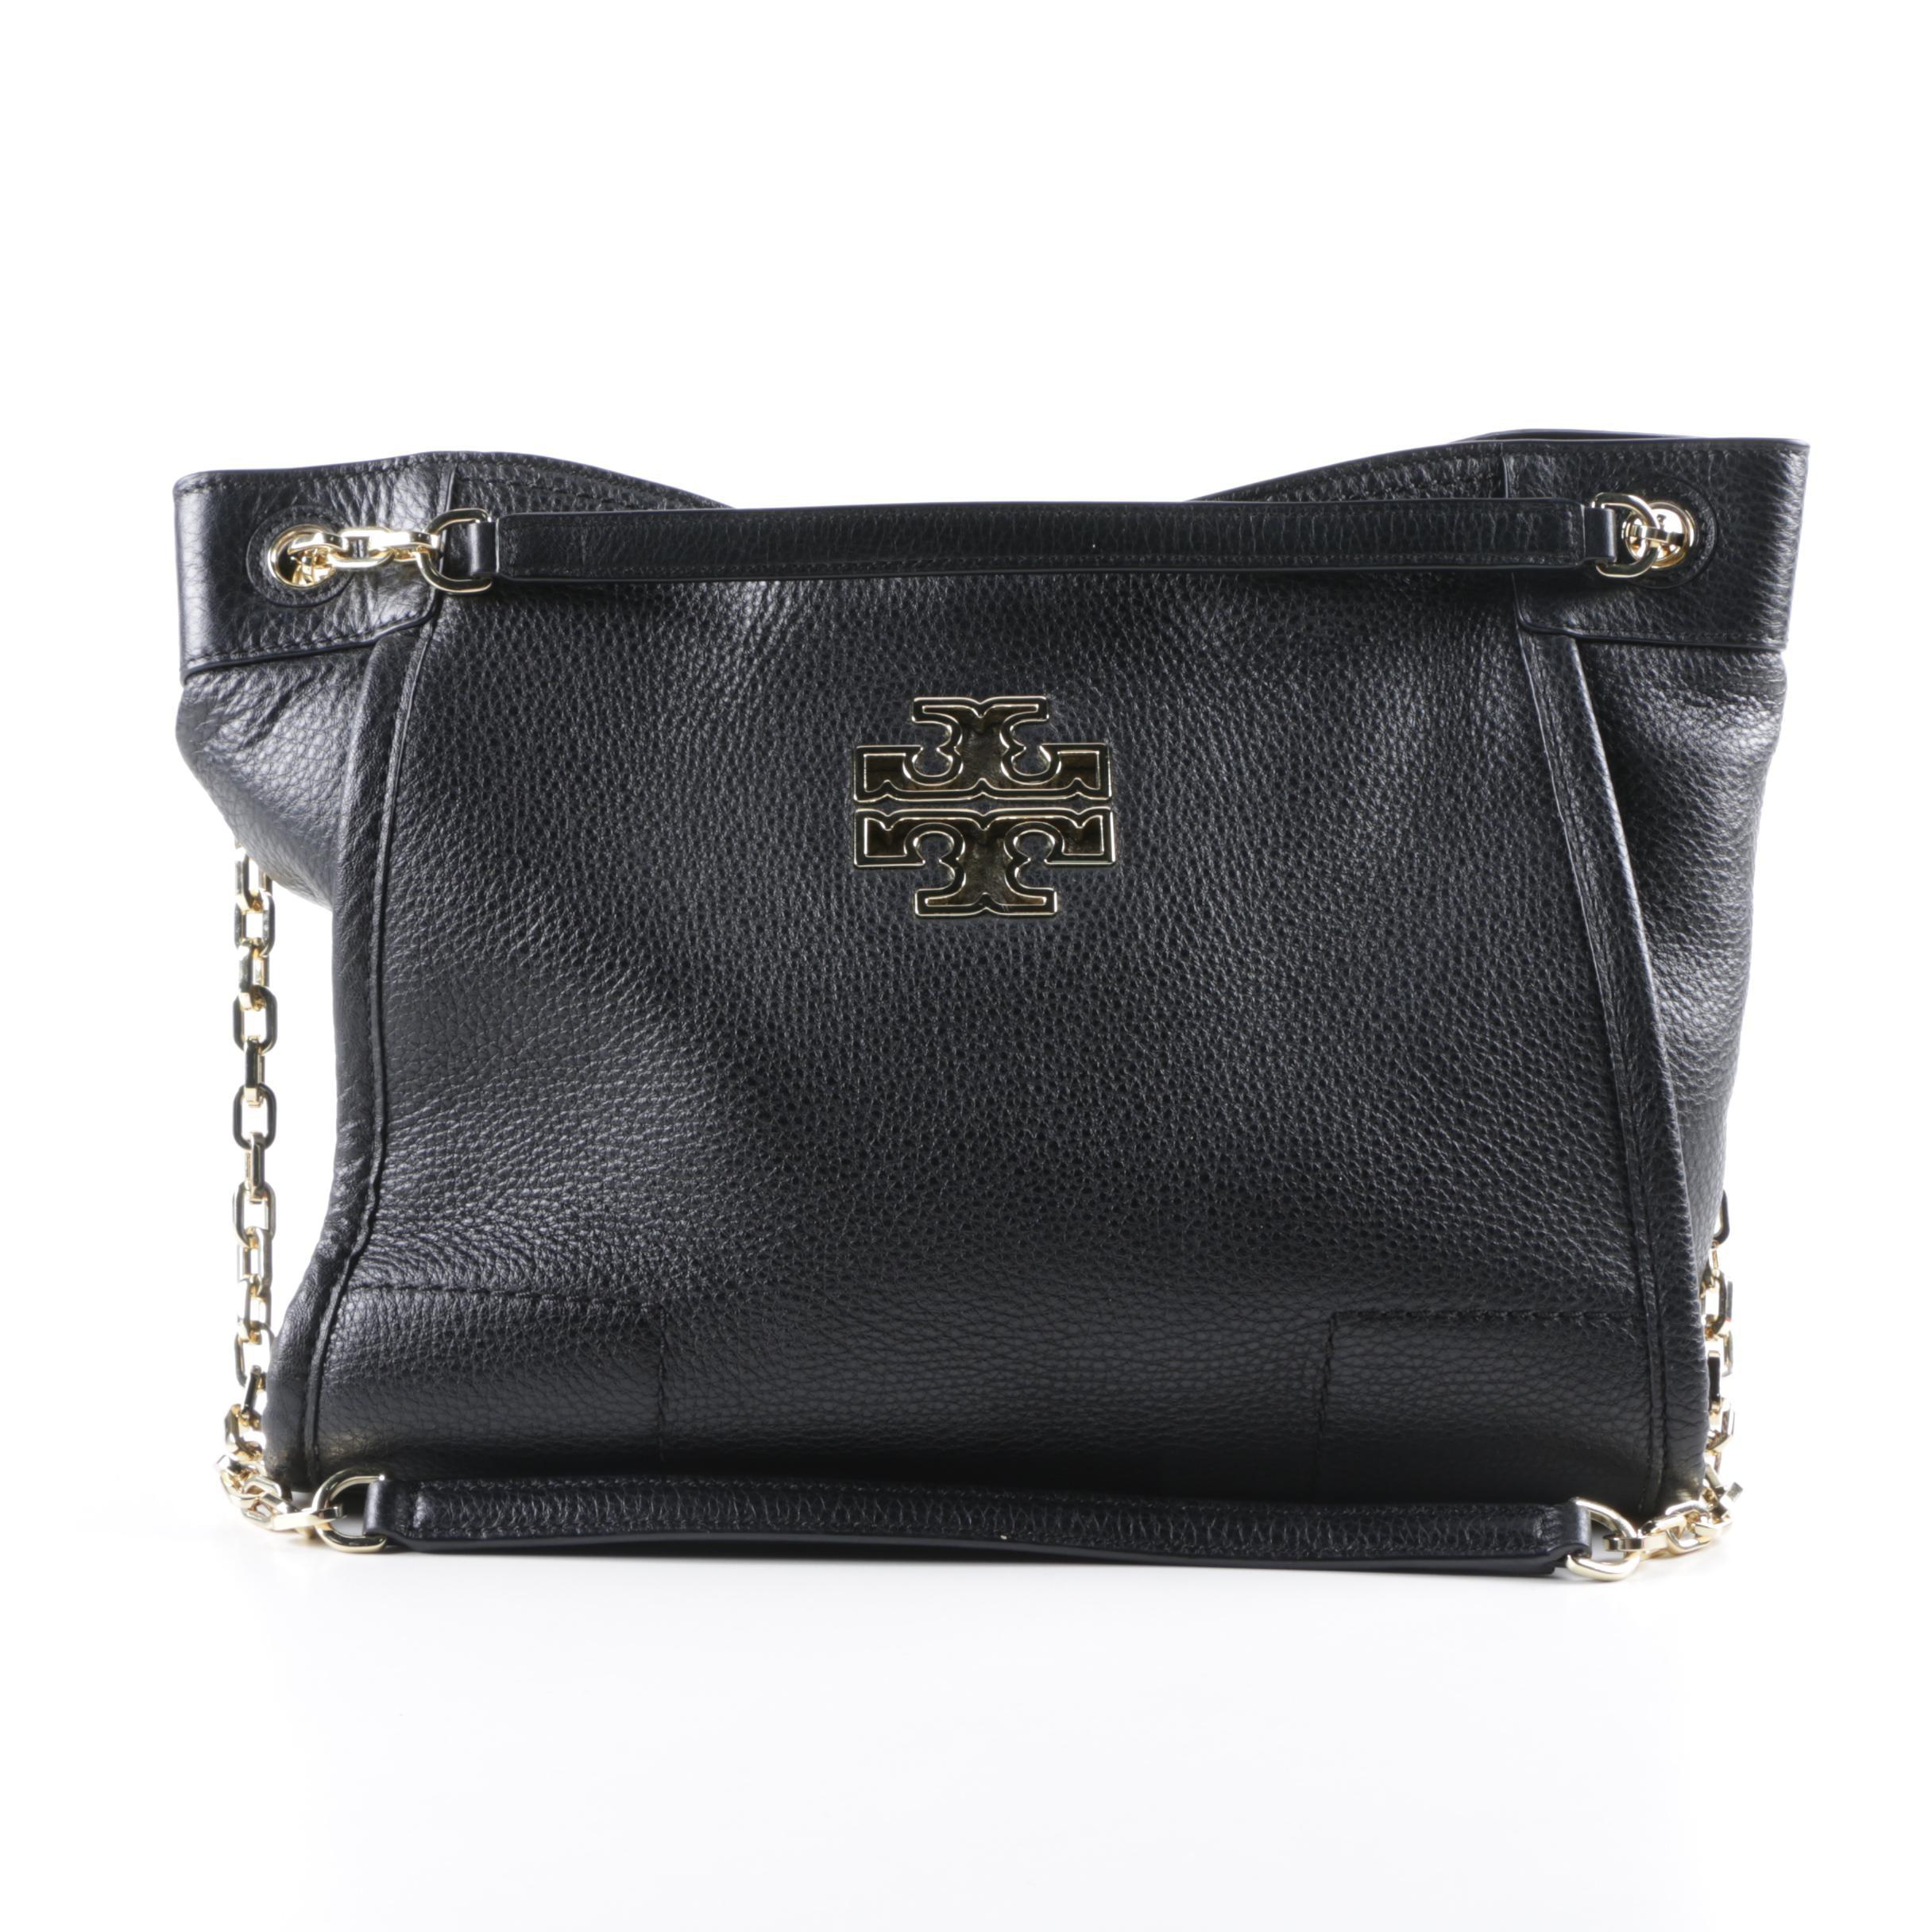 Tory Burch Black Pebbled Leather Shoulder Bag